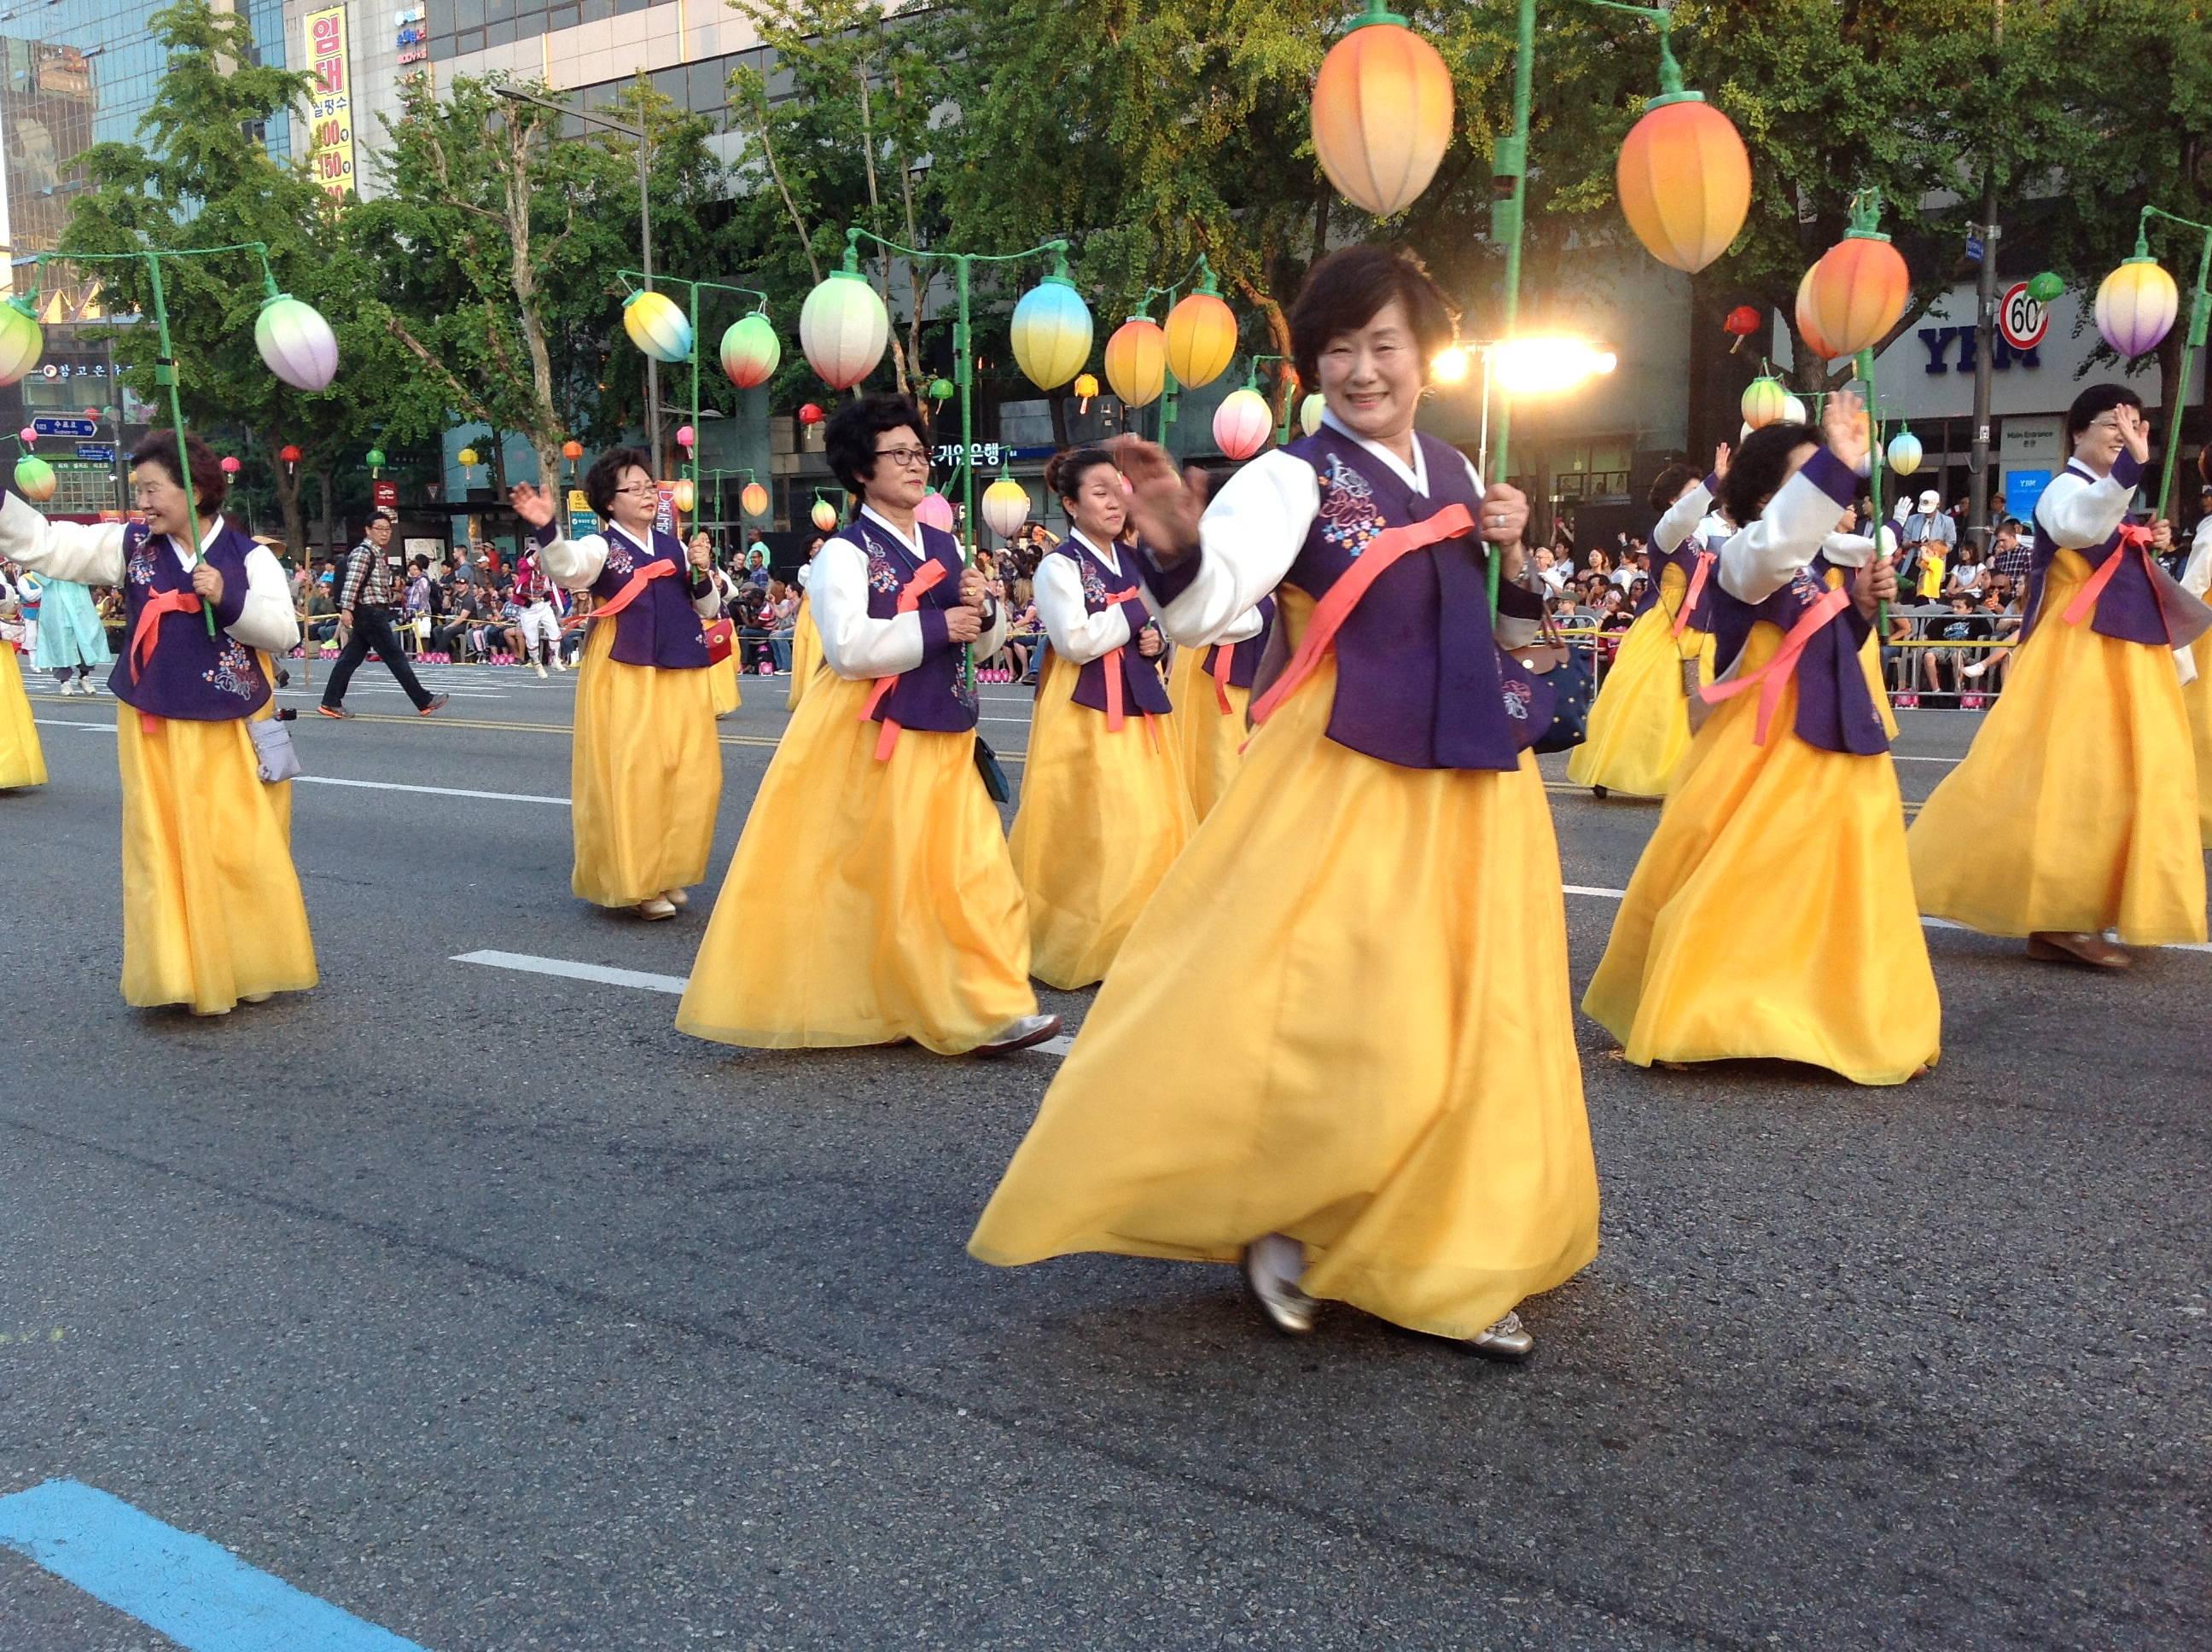 2015-05-16 Lantern Parade 042